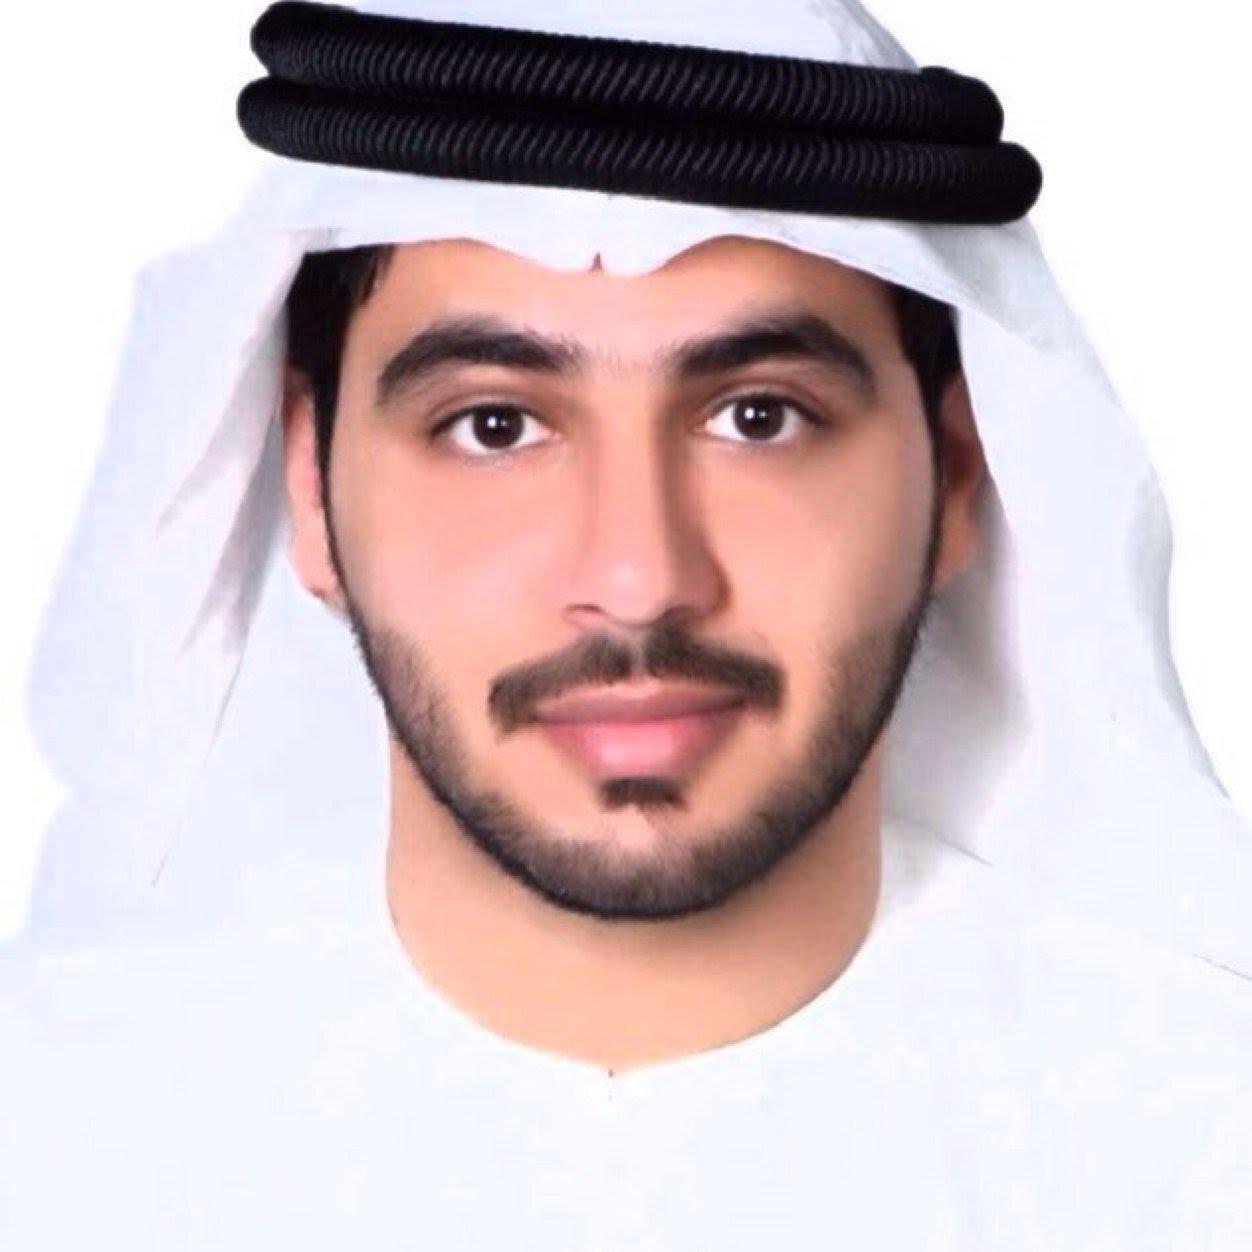 الإمارات لحقوق الإنسان: تمديد حبس أسامة النجار خرق كبير للقانون الإماراتي والدولي